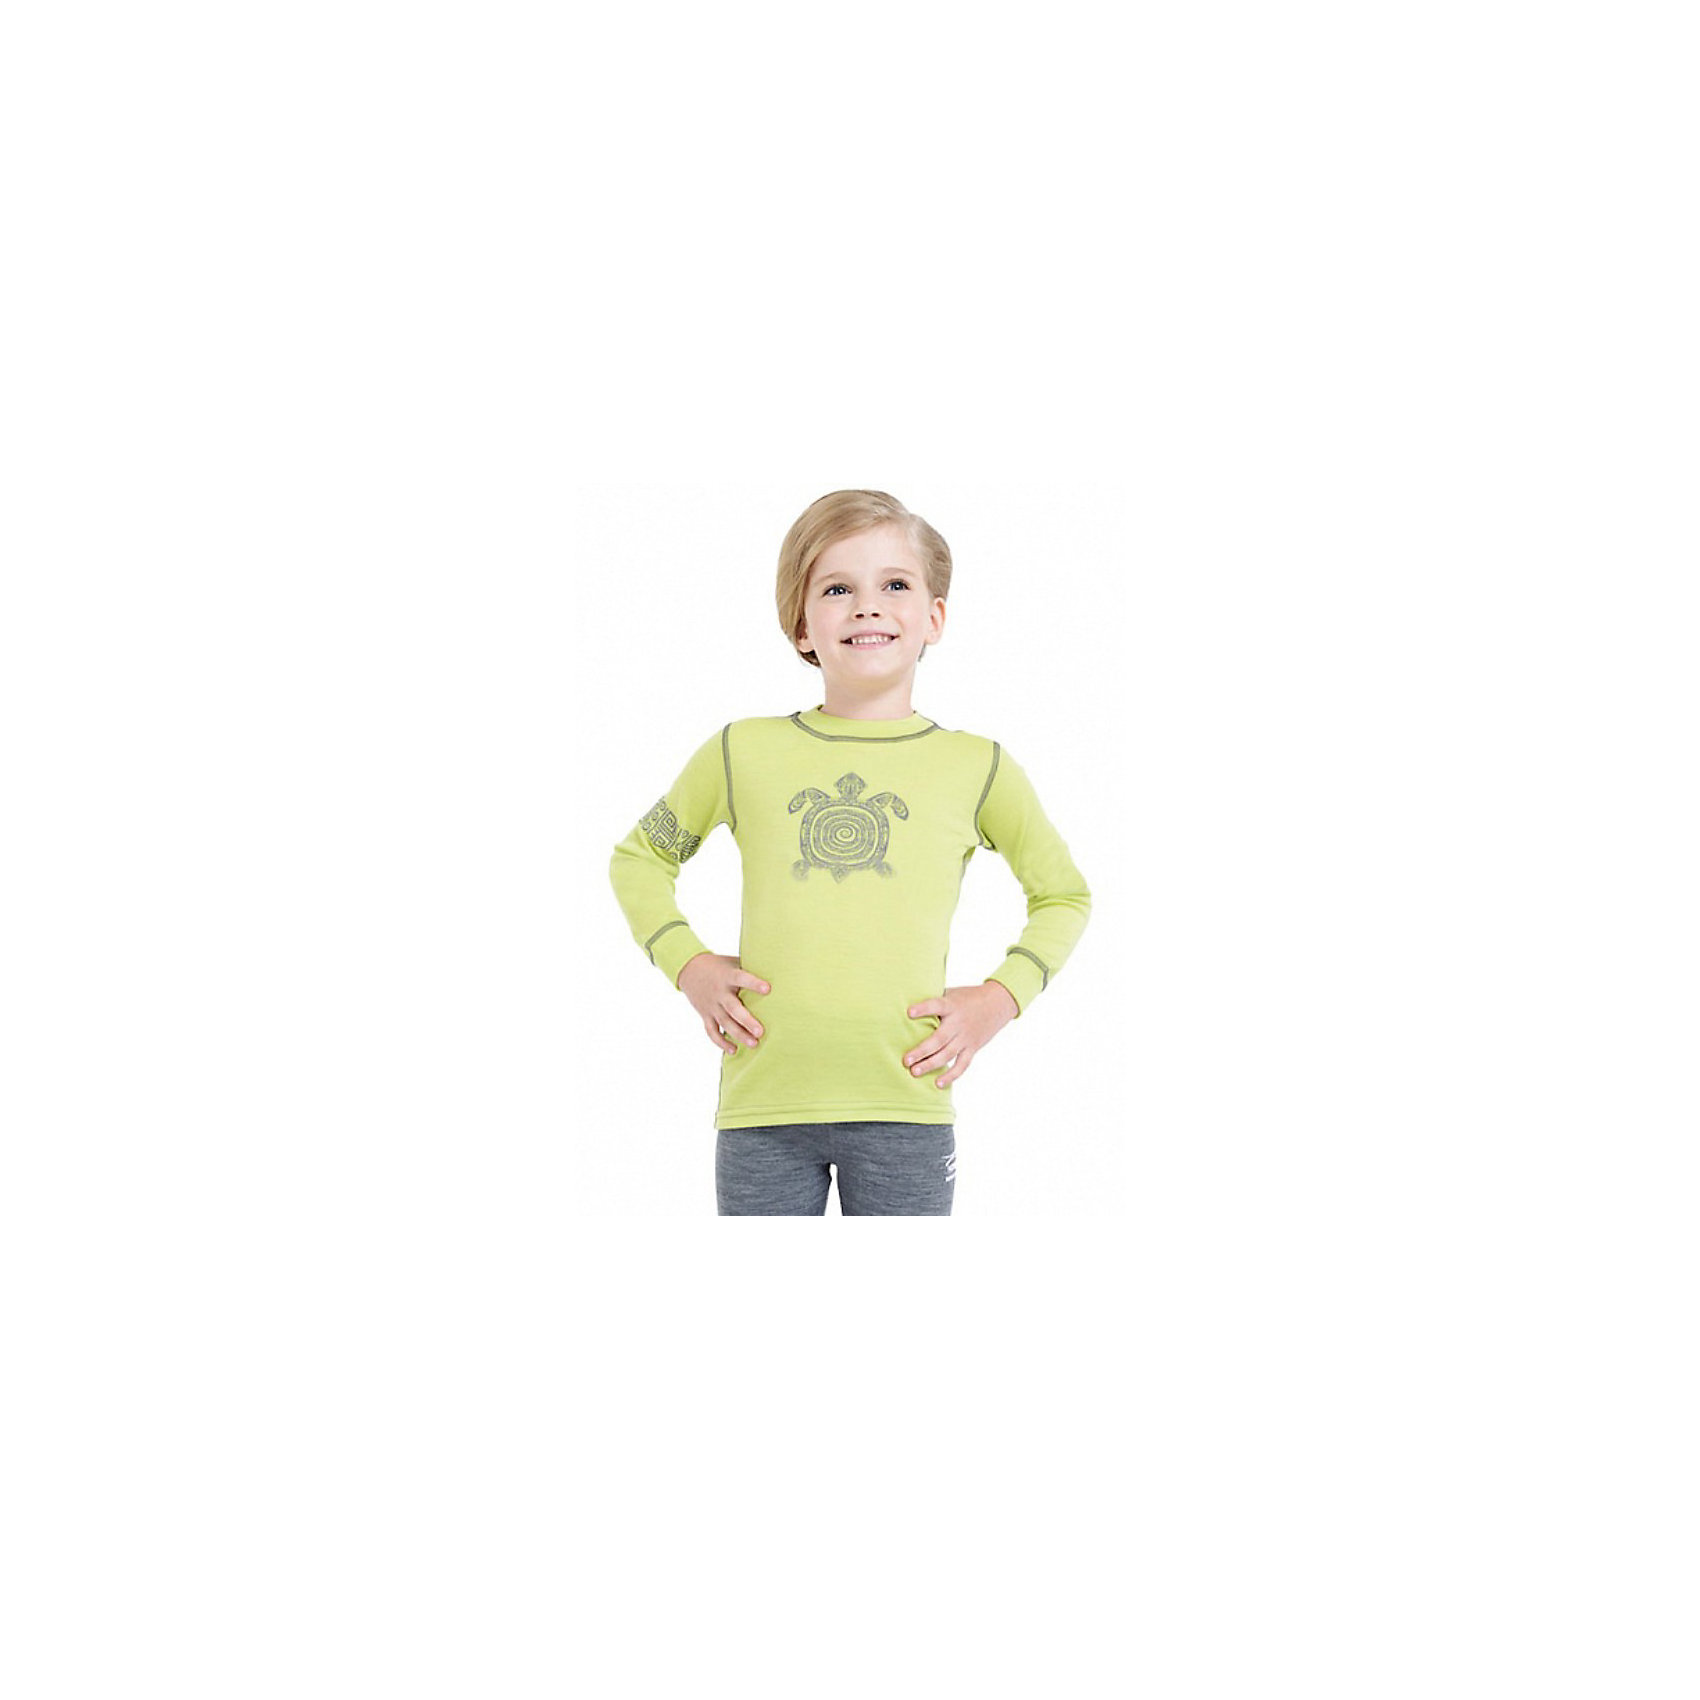 Футболка с длинным рукавом NorvegКофточки и распашонки<br>Футболка с длинным рукавом от известного бренда Norveg<br><br>Термофутболка Norveg Soft от немецкой компании Norveg (Норвег) - это удобная и красивая одежда, которая обеспечит комфортную терморегуляцию тела и на улице, и в помещении. <br>Она сделана из шерсти мериноса (австралийской тонкорунной овцы), очень приятной на ощупь. Такая шерсть обладает гипоаллергенными свойствами, поэтому не вызывает раздражения, даже если надета на голое тело.<br><br>Отличительные особенности модели:<br><br>- цвет: лайм;<br>- декорирована принтом черепаха;<br>- швы плоские, не натирают и не мешают движению;<br>- анатомические резинки;<br>- материал впитывает влагу и сразу выводит наружу;<br>- анатомический крой;<br>- подходит и мальчикам, и девочкам;<br>- не мешает под одеждой.<br><br>Дополнительная информация:<br><br>- Температурный режим: от - 20° С  до +20° С.<br><br>- Состав: 100% шерсть мериноса<br><br>Футболку с длинным рукавом Norveg (Норвег) можно купить в нашем магазине.<br><br>Ширина мм: 230<br>Глубина мм: 40<br>Высота мм: 220<br>Вес г: 250<br>Цвет: зеленый<br>Возраст от месяцев: 12<br>Возраст до месяцев: 15<br>Пол: Женский<br>Возраст: Детский<br>Размер: 80/86,116/122,128/134,104/110,92/98,68/74<br>SKU: 3895032